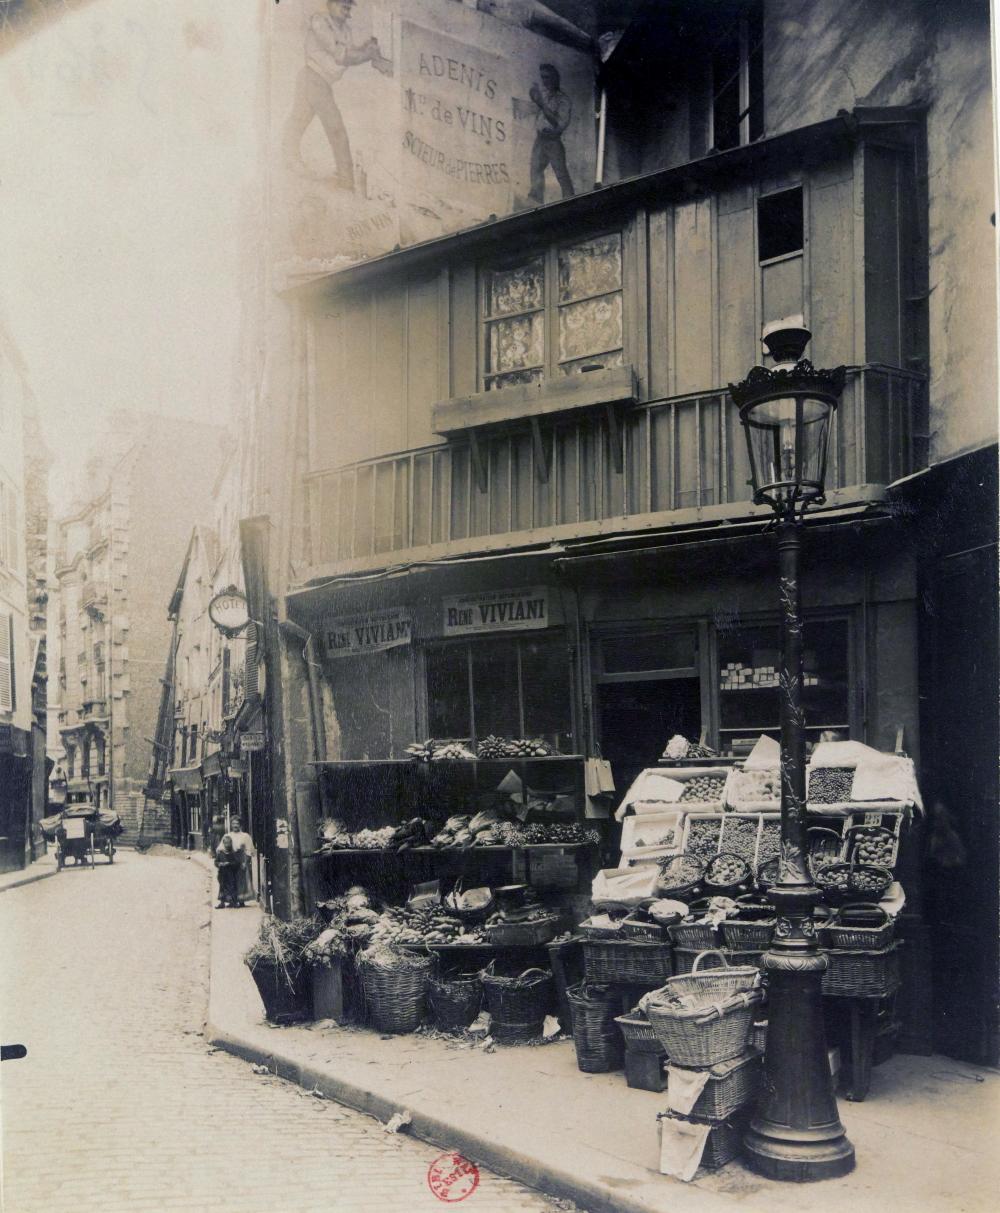 1906,Eugène Atget,Coin rue Galande,75, rue Galande,Paris,France